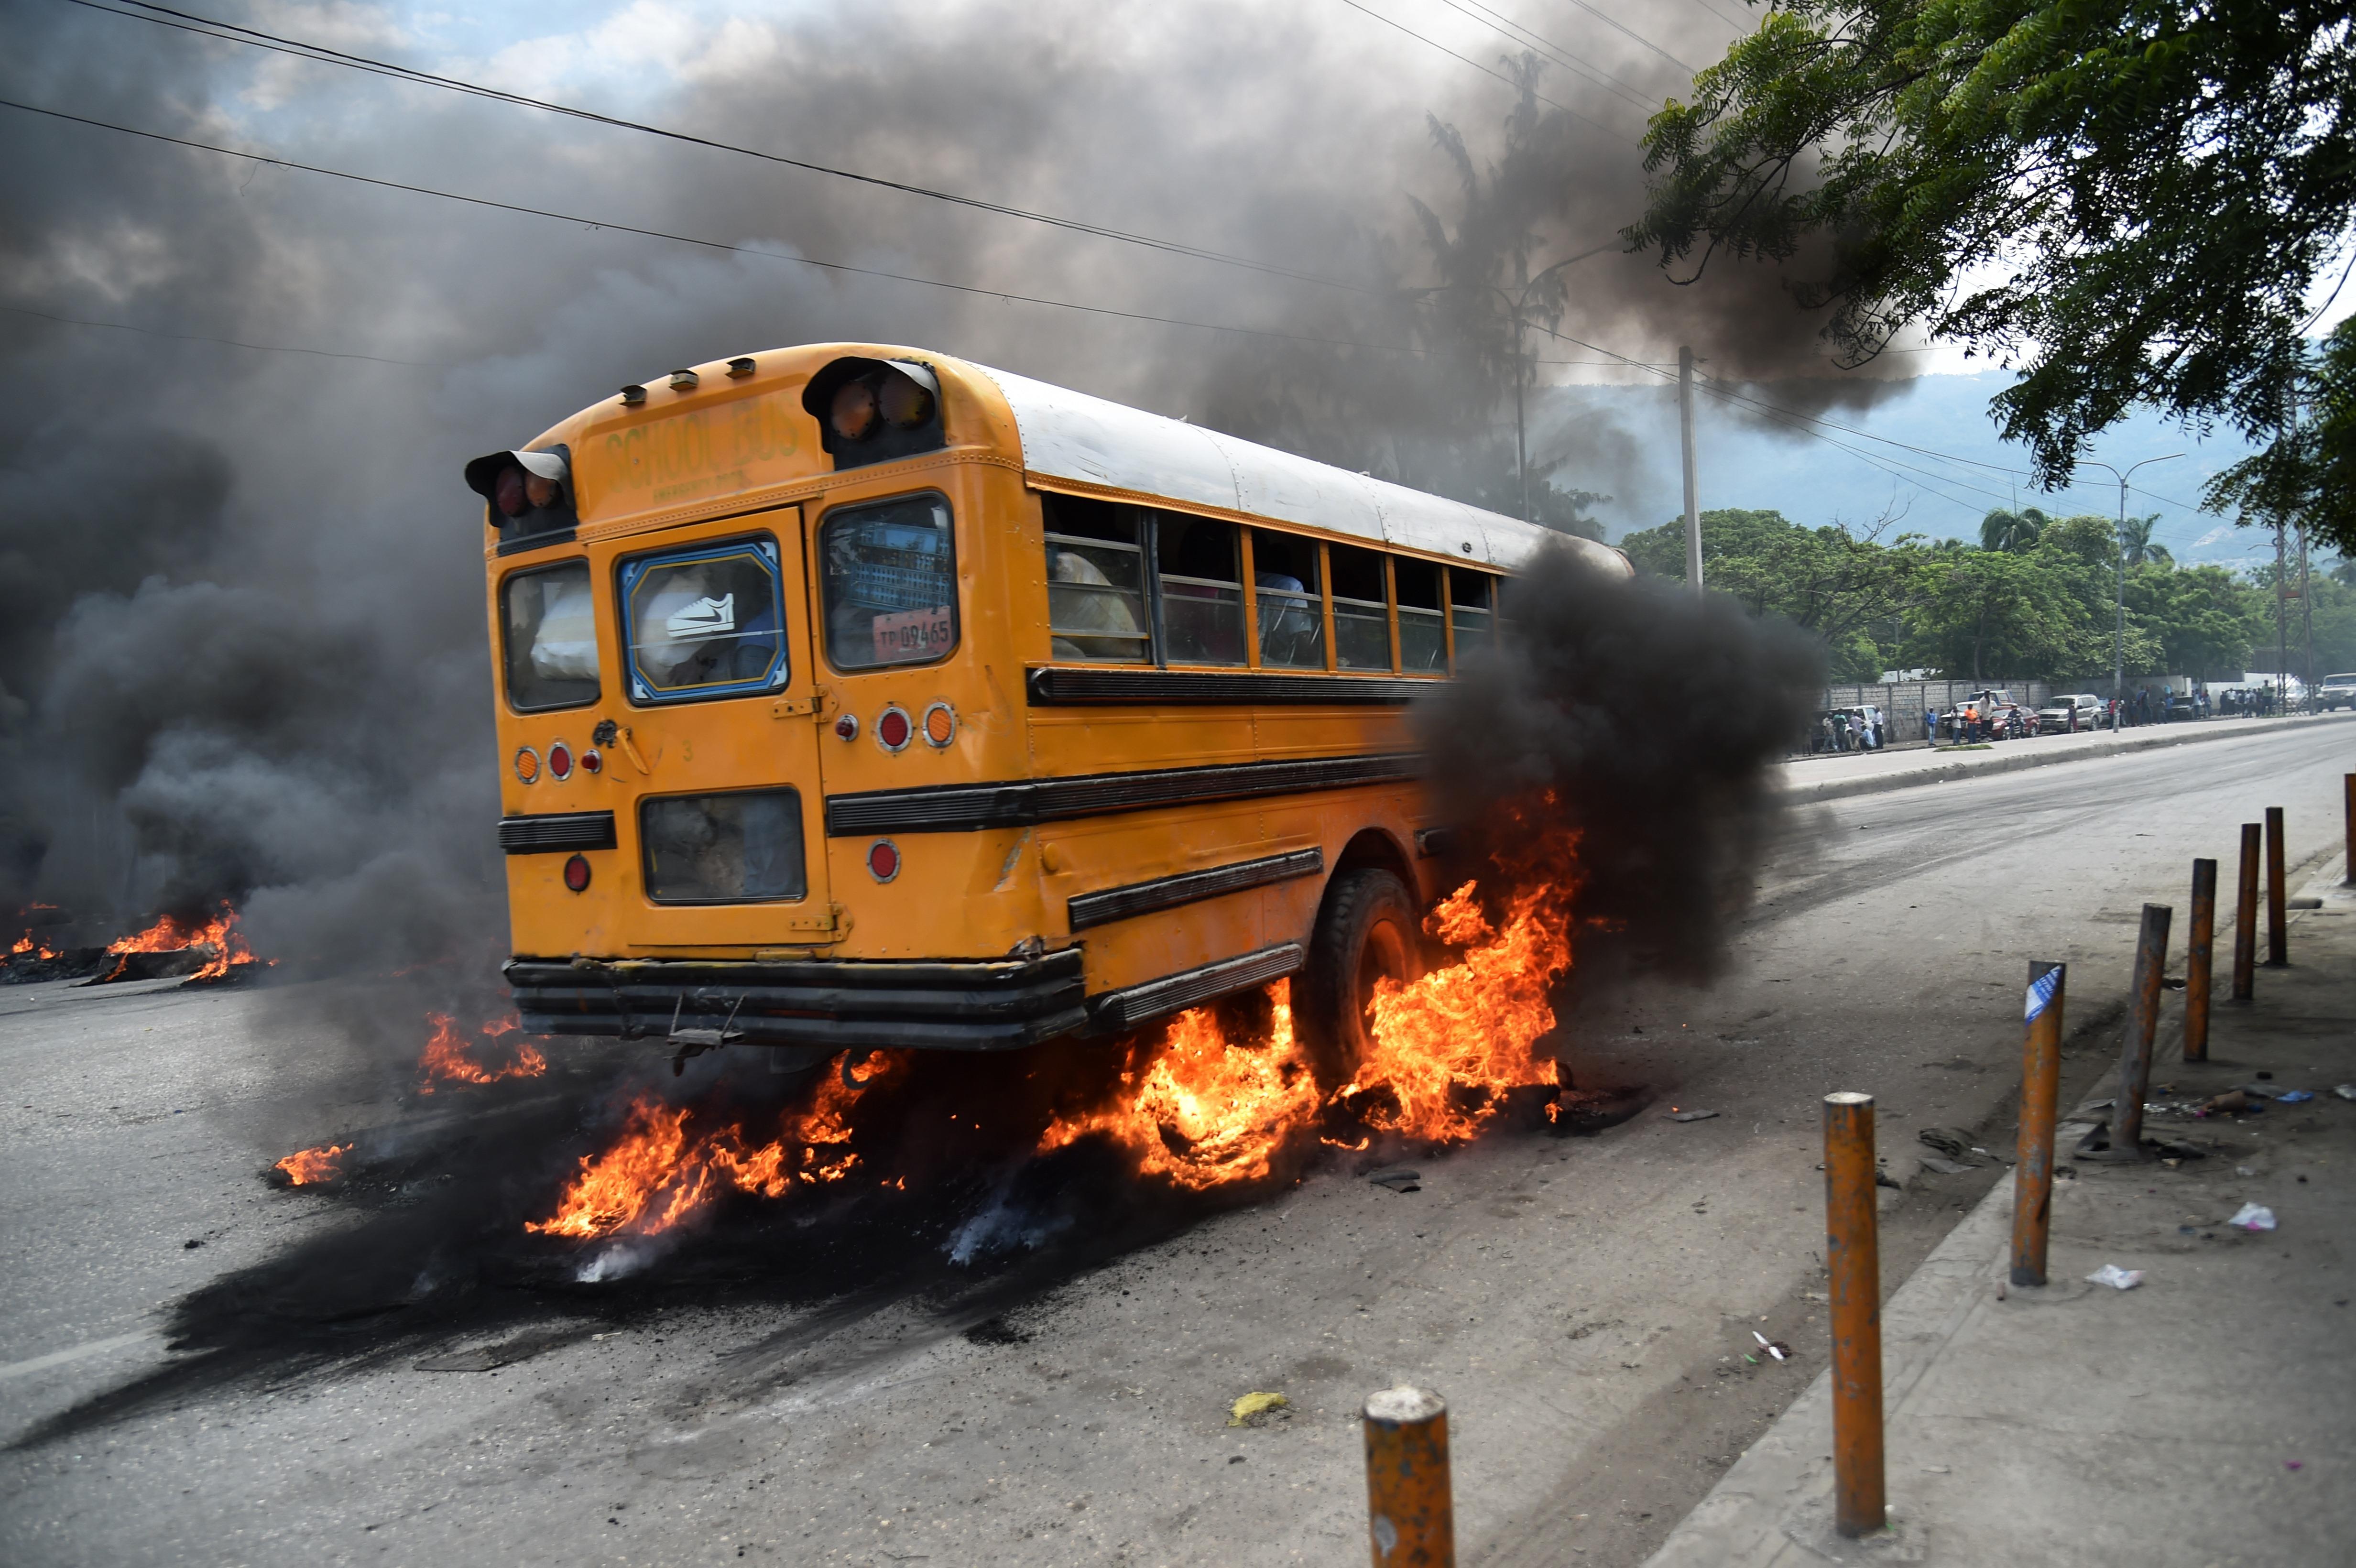 Hatalmas tüntetés robbant ki Haitin, miután drágult a cigi és az alkohol